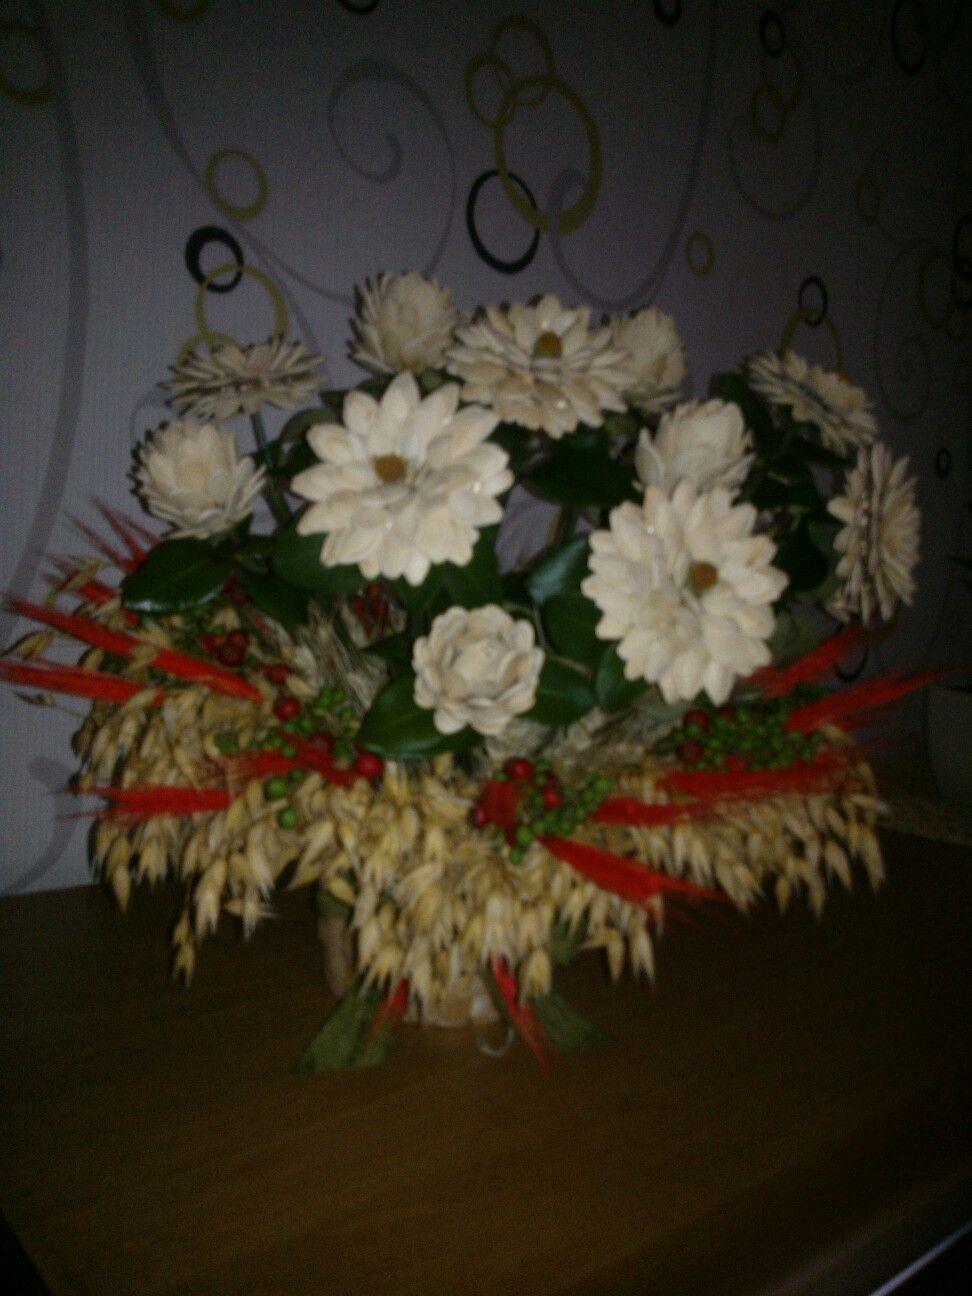 Bukiet Z Kwiatow Z Pestek Dyni Christmas Wreaths Holiday Christmas